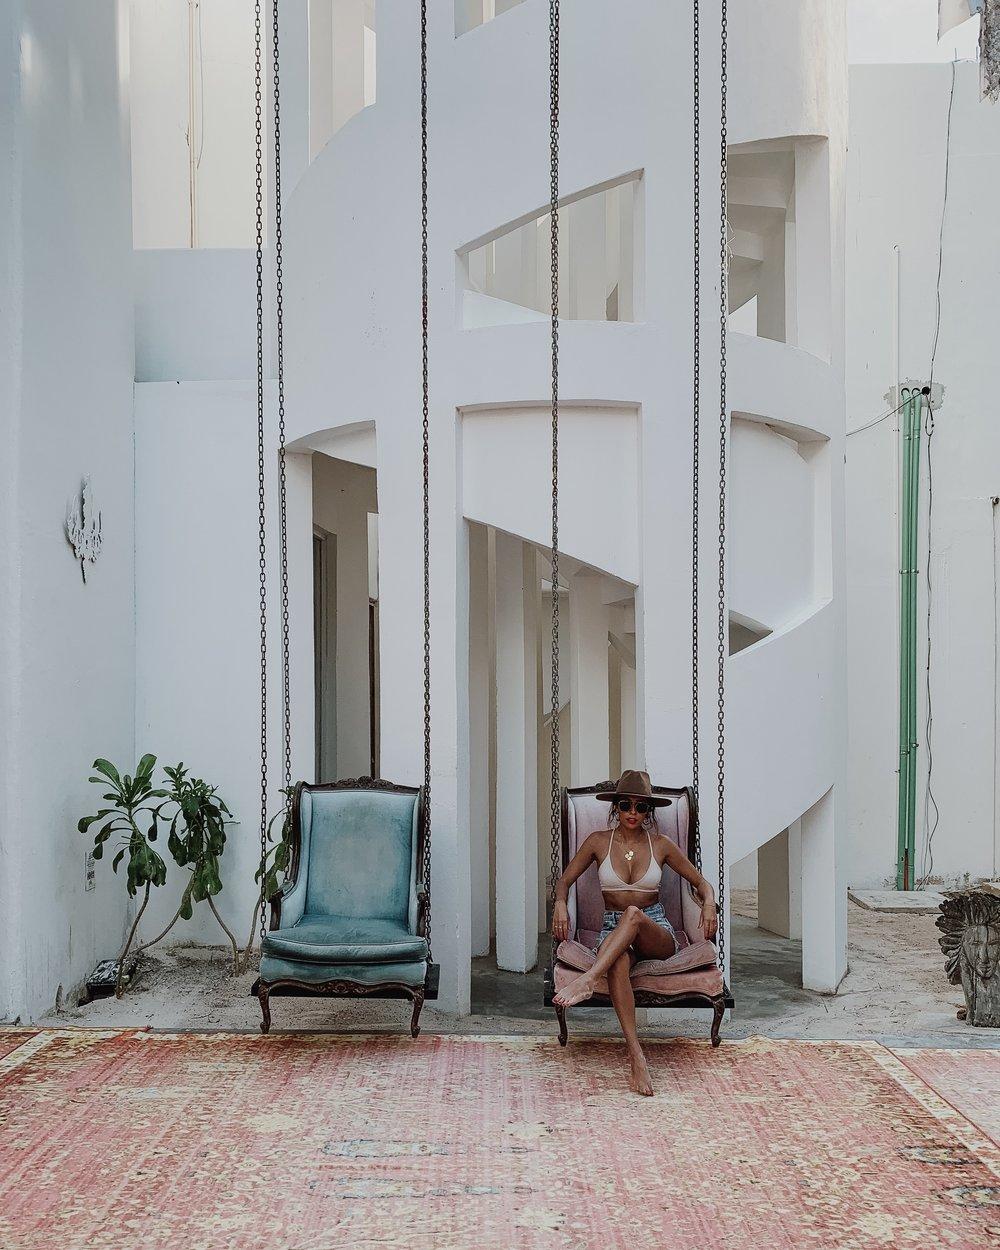 Casa Malca Visit - Pablo Escobar's Old Mansion in Tulum, Tulum Guide